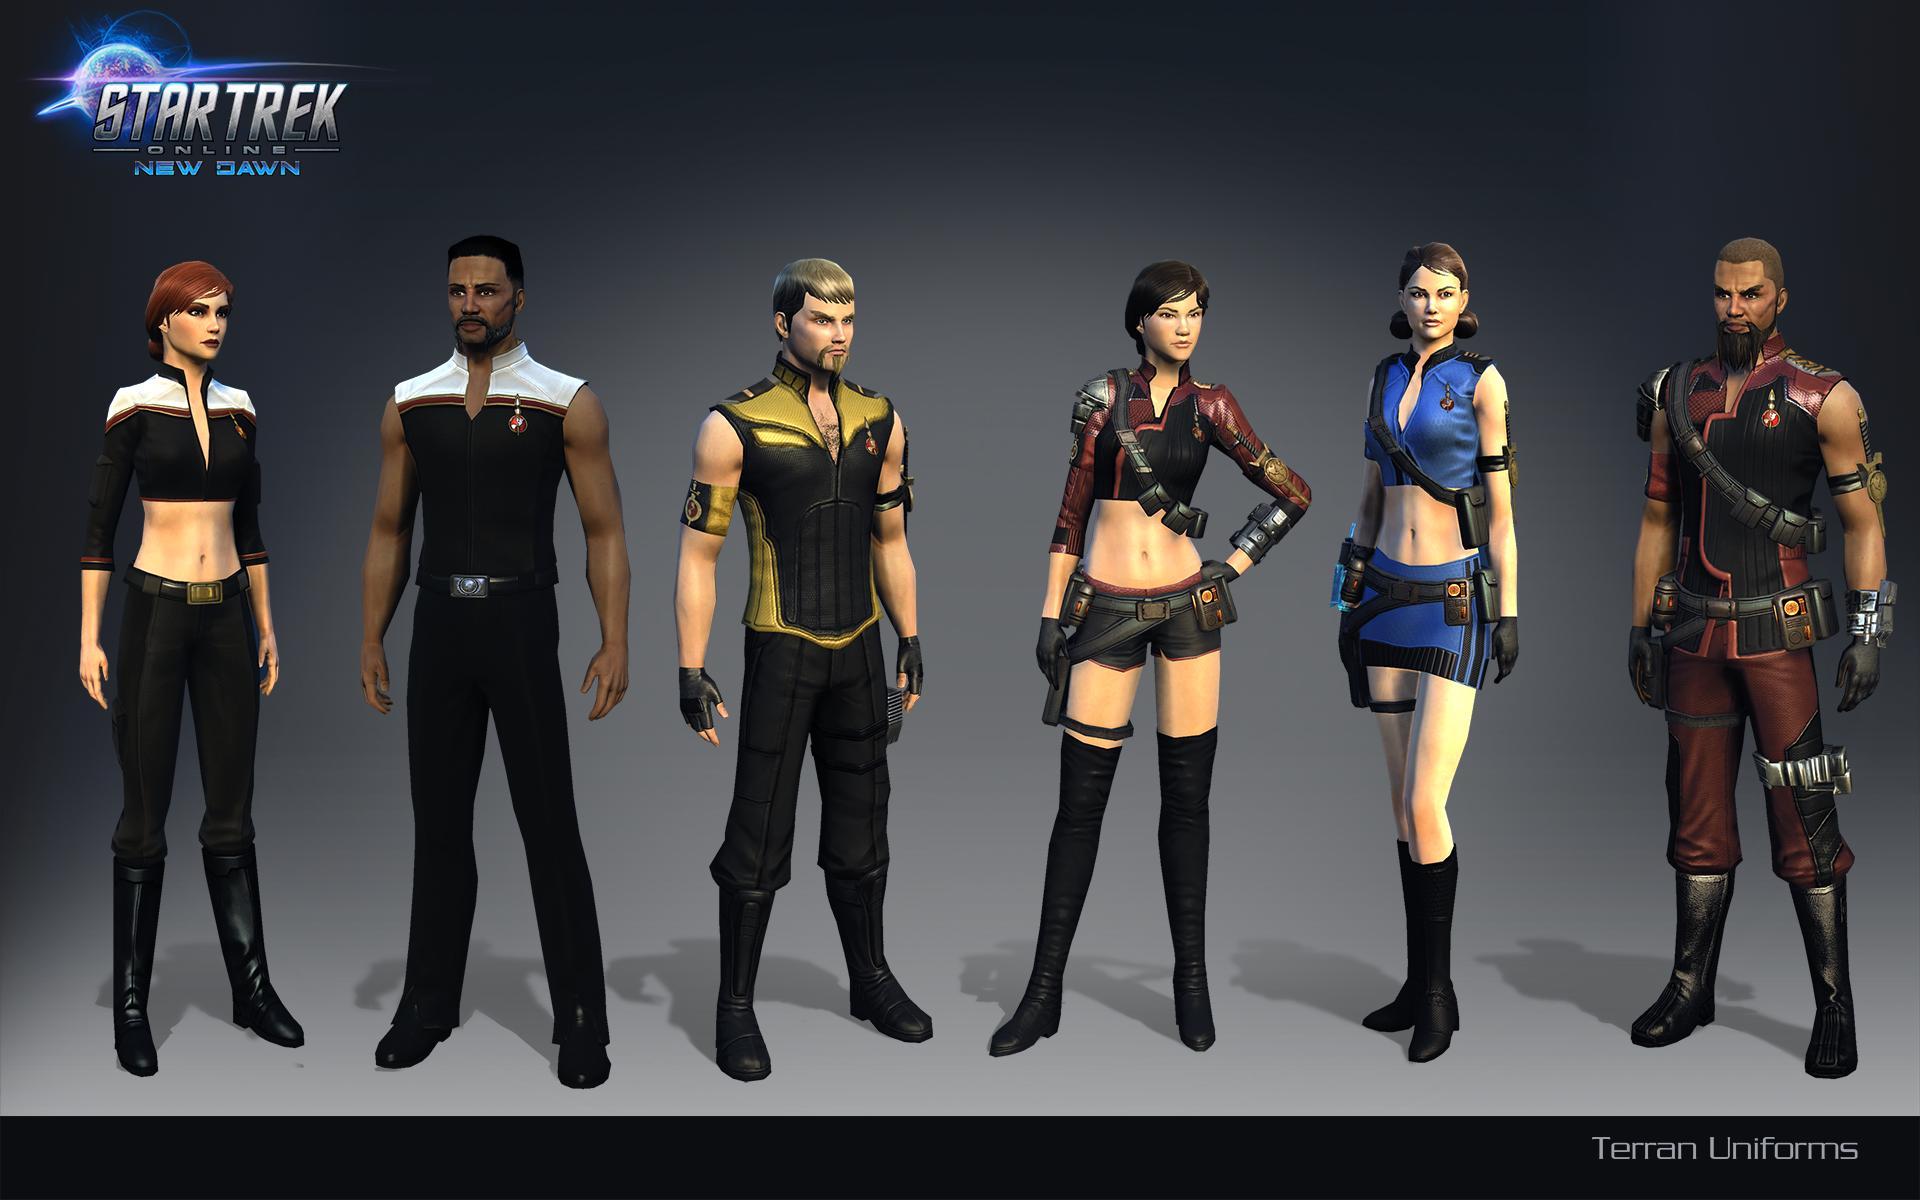 Service d'impression des personnages de Star Trek Online en 3D - Page 2 4e8d57470223f971f1c52ae3e95ecaf61453829459